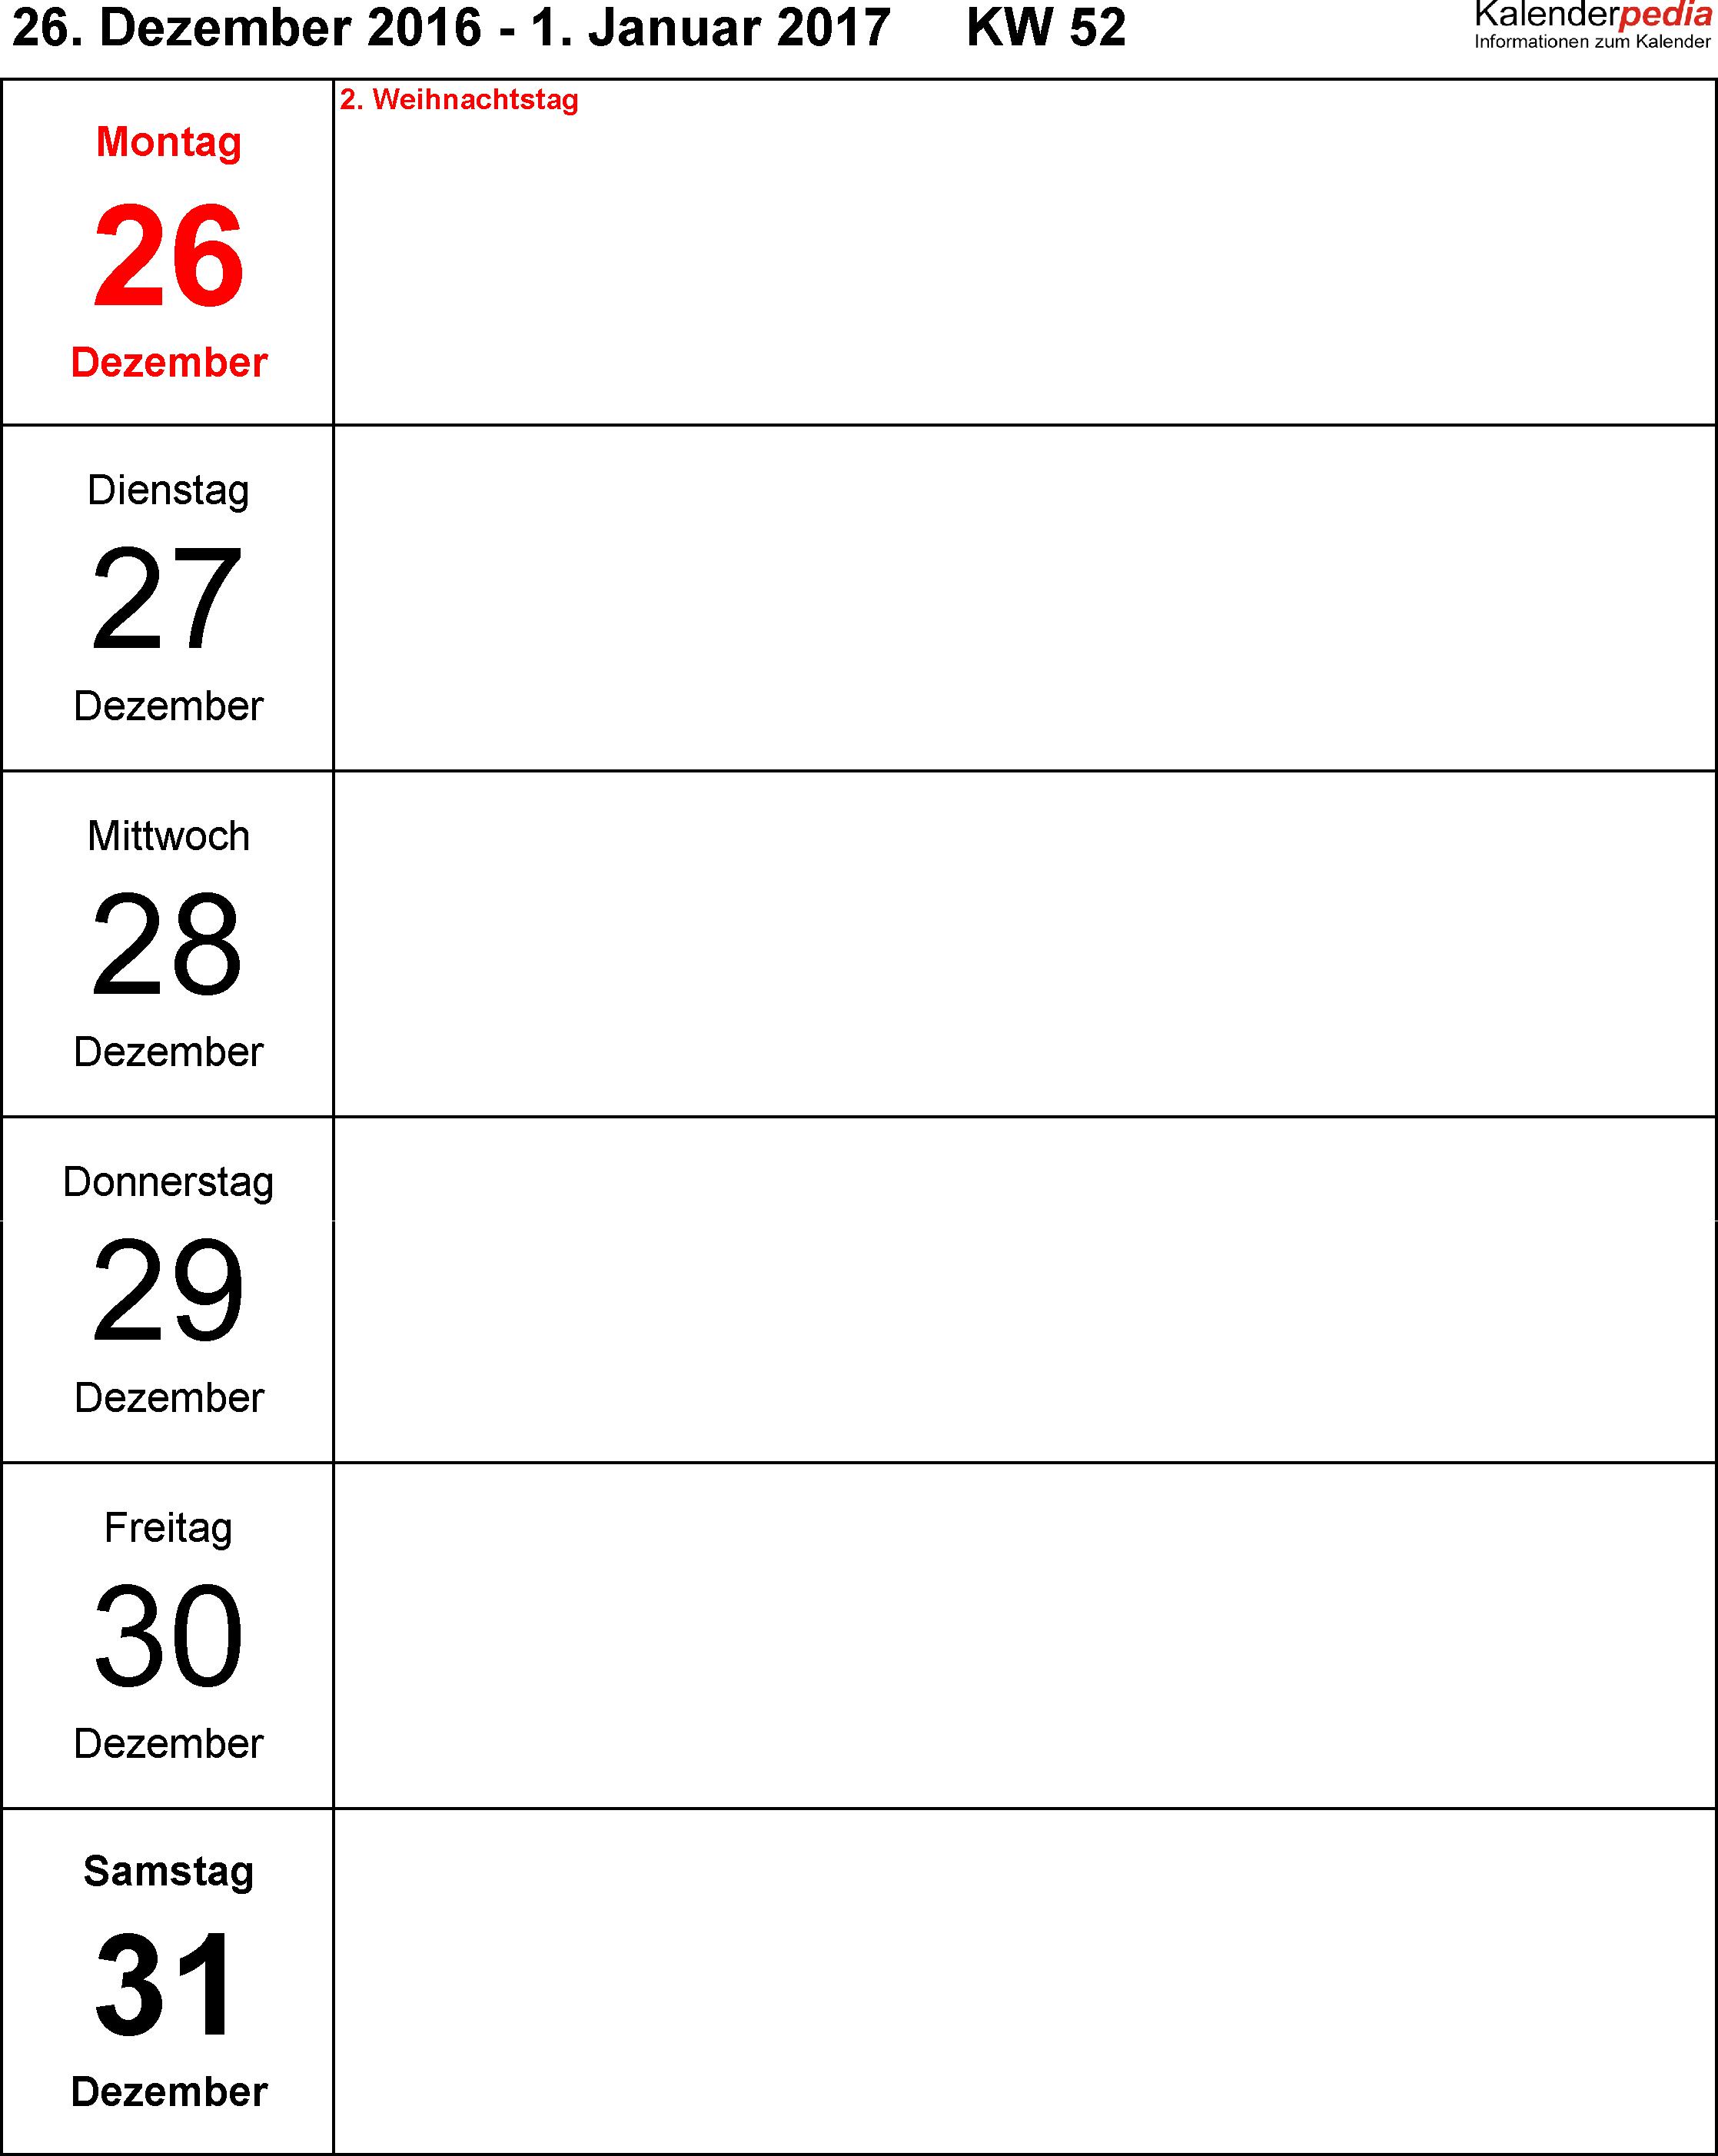 Vorlage 10: Wochenkalender 2017 als Word-Vorlage, Hochformat, Tage untereinander, 53 Seiten (1 Woche auf 1 Seite)